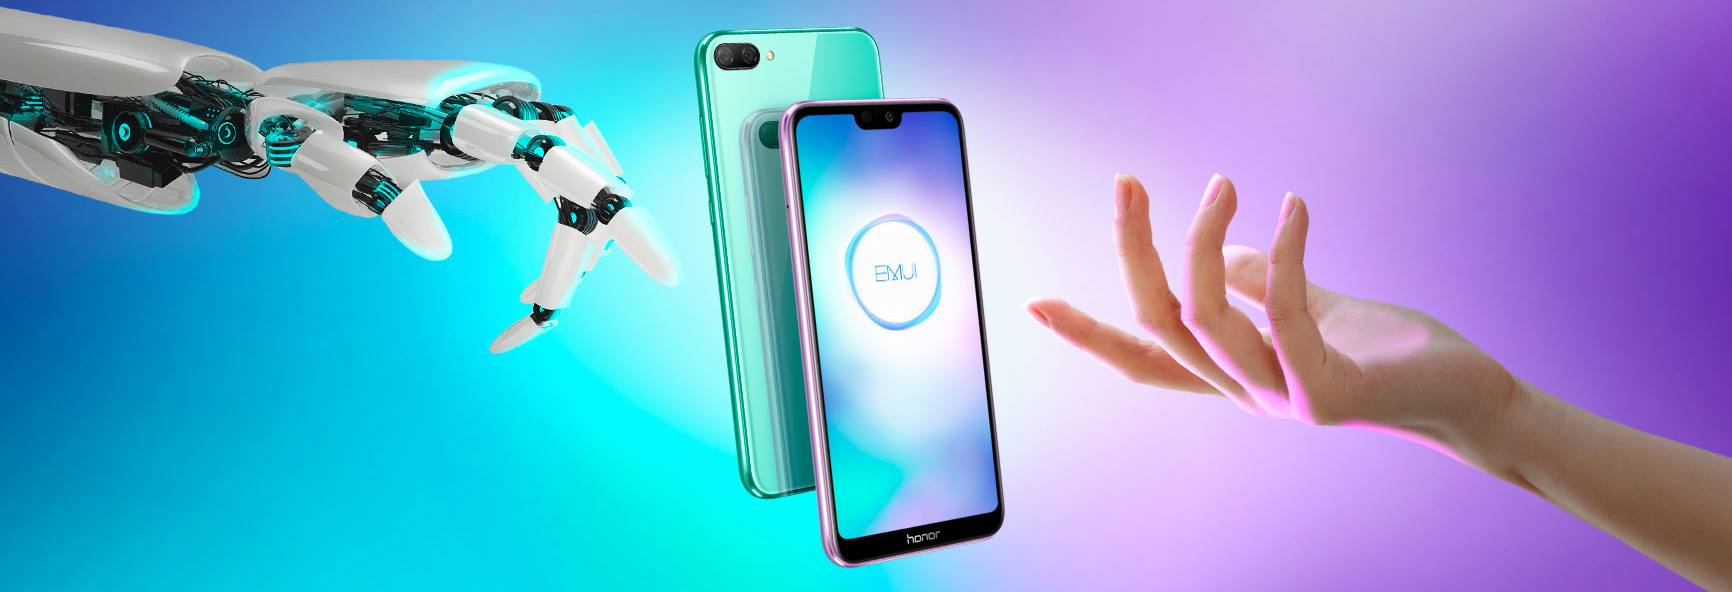 Huawei Honor 9i (6)